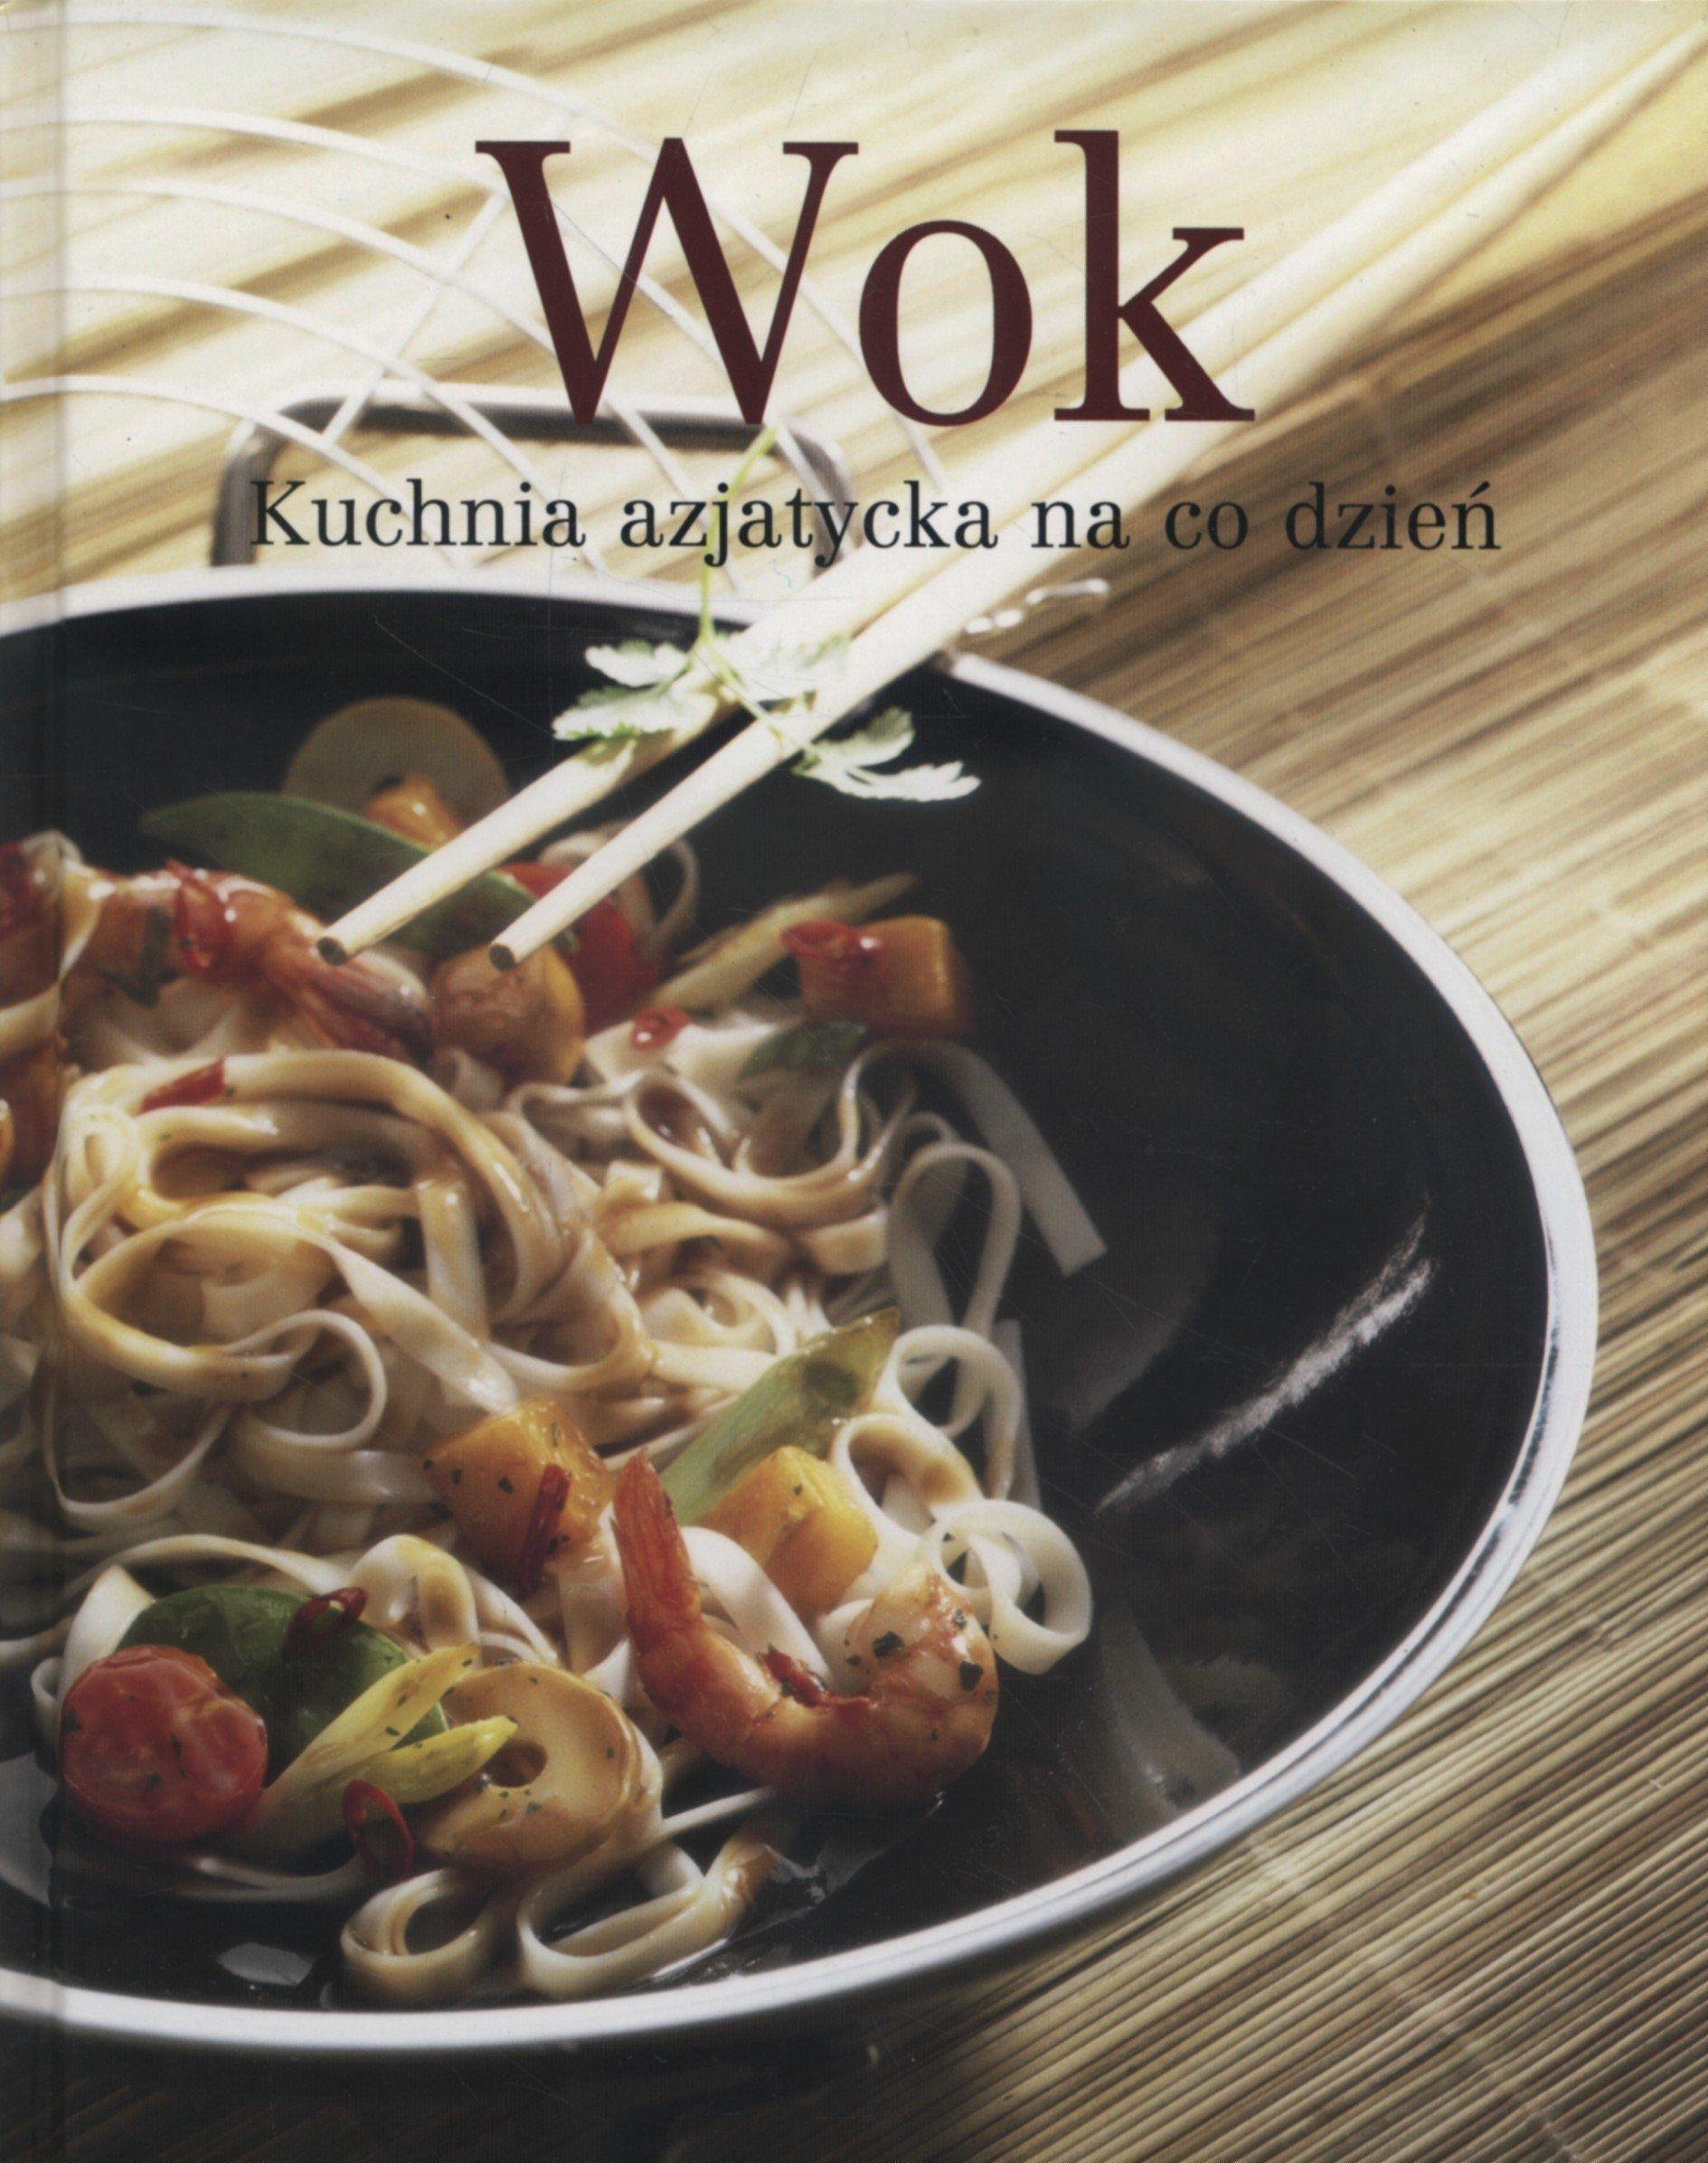 Wok Kuchnia Azjatycka Na Co Dzien Amazoncouk